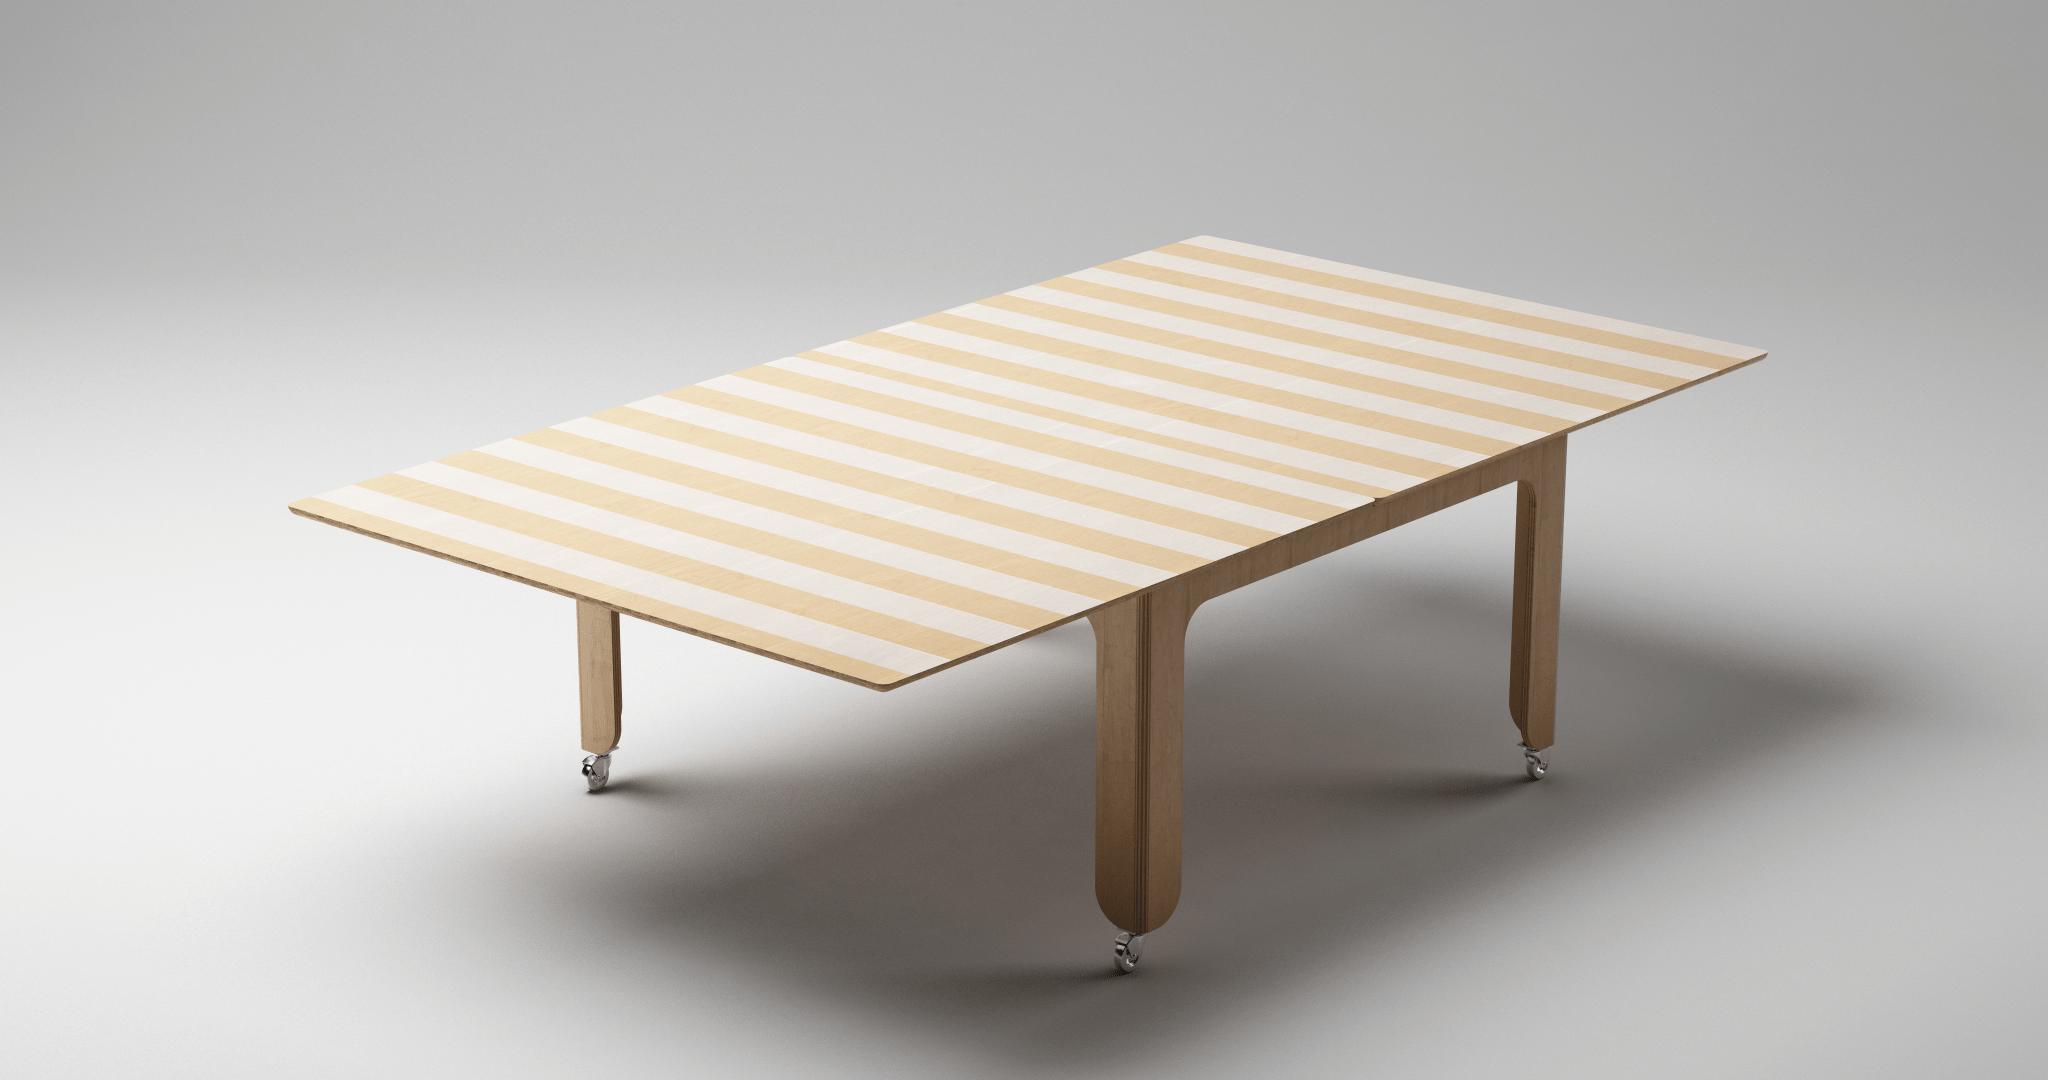 tavolo personalizzabile, stampa serigrafica, customisable table, silkscreen printing, mesa personalizable, serigrafia, ad-hoc graphics, grafico ad-hoc, grafica ad-hoc